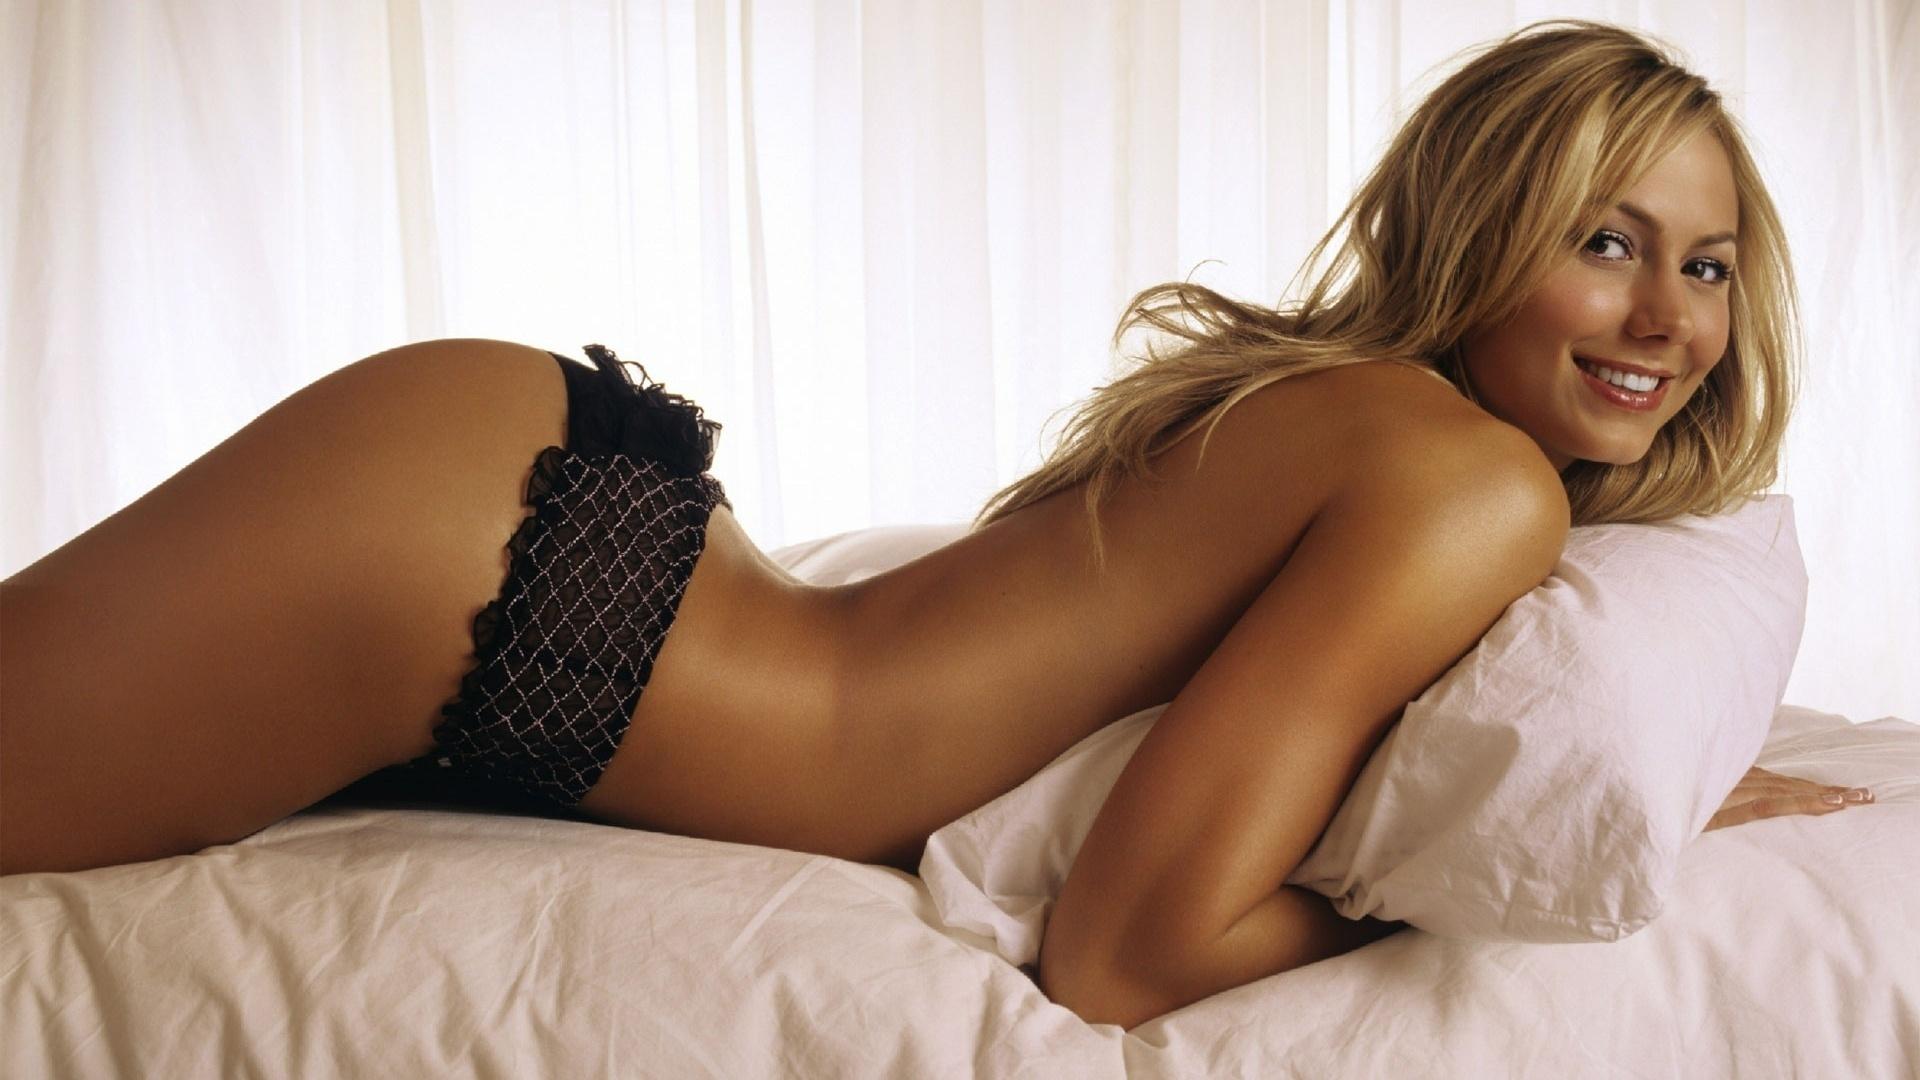 Самая сексуальная в мире домохозяйка, Самые сексуальные домохозяйки 26 фотография